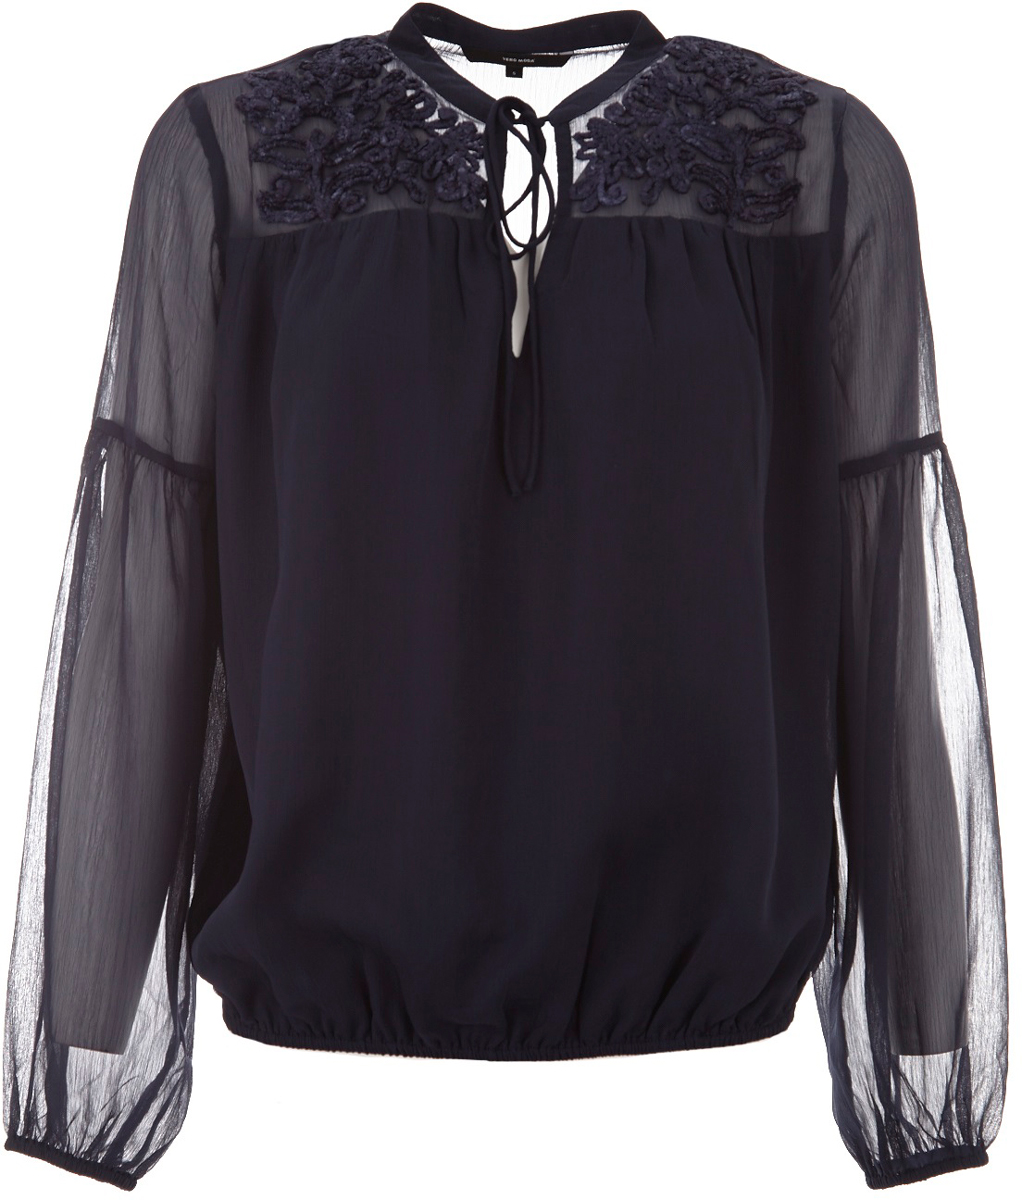 Блузка жен Vero Moda, цвет: синий. 10185517_Navy Blazer. Размер L (48)10185517_Navy Blazer